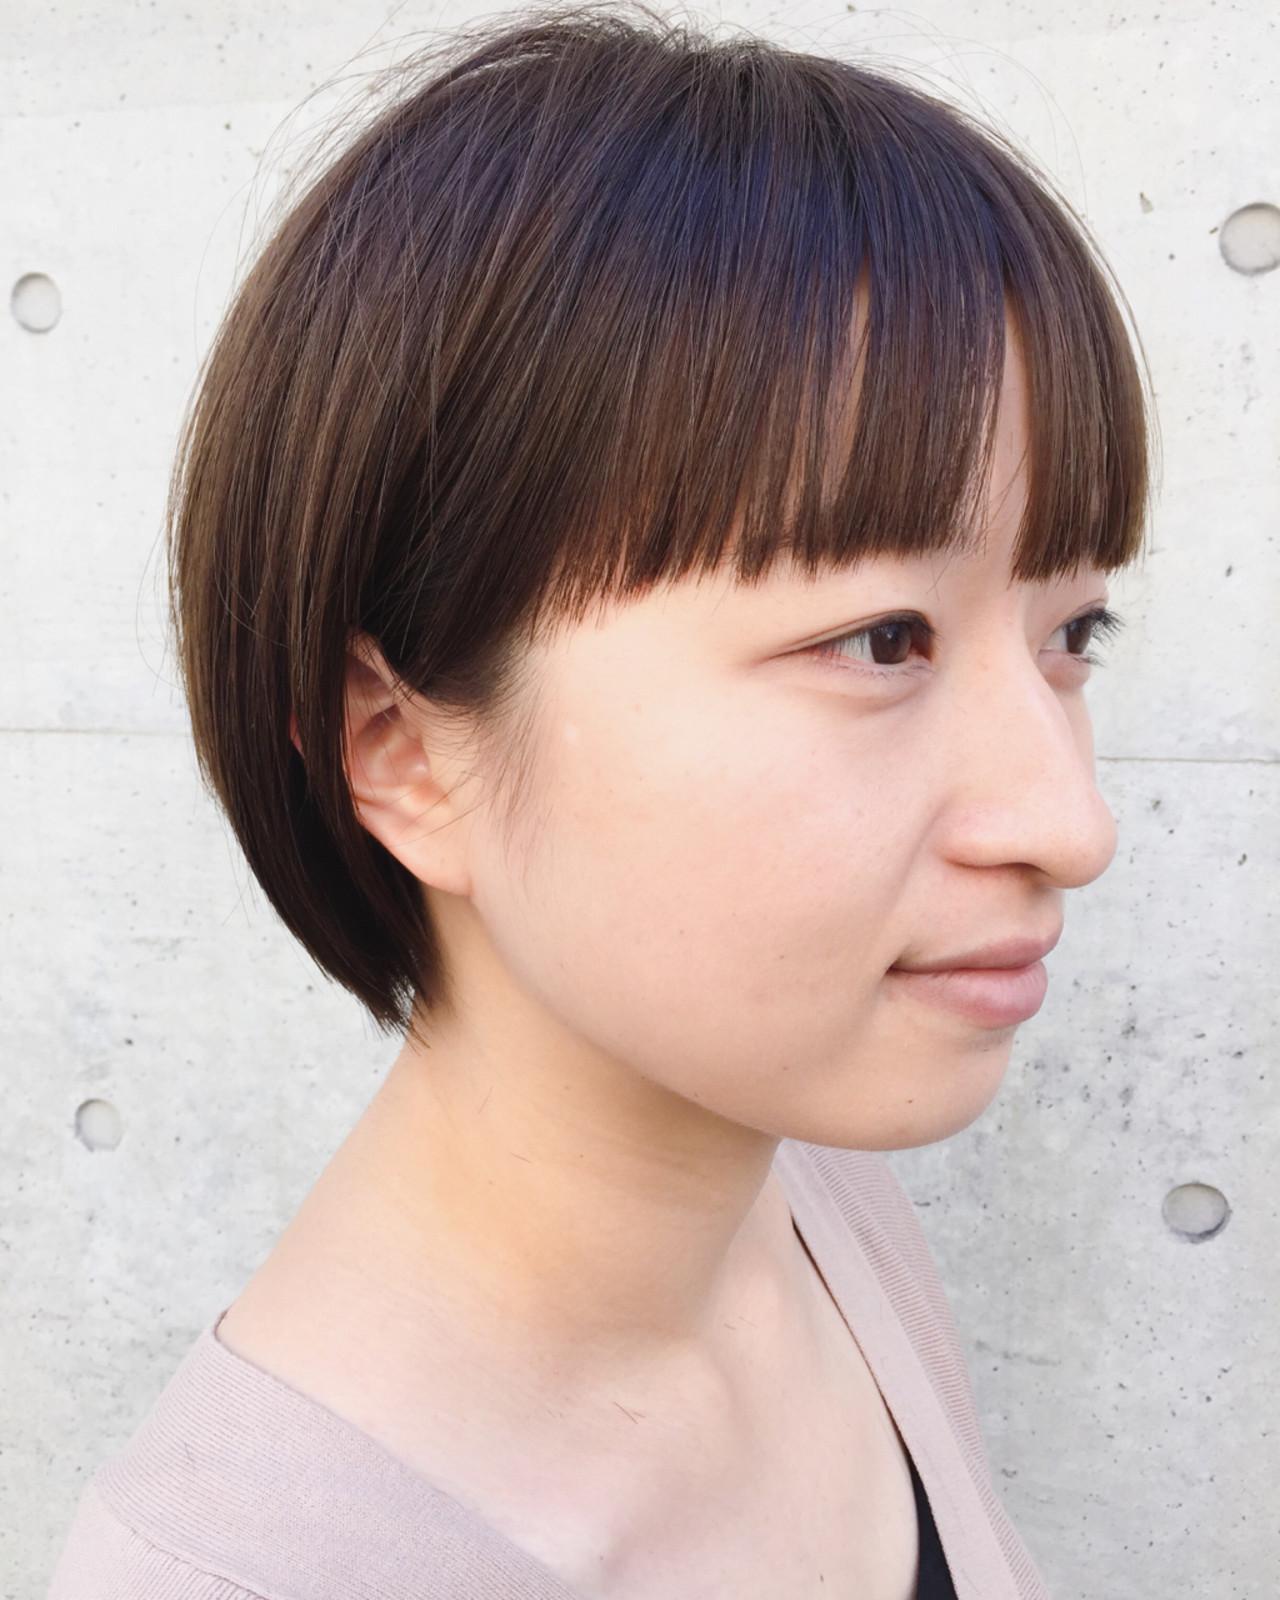 ショート アッシュブラウン 耳かけ ワイドバング ヘアスタイルや髪型の写真・画像